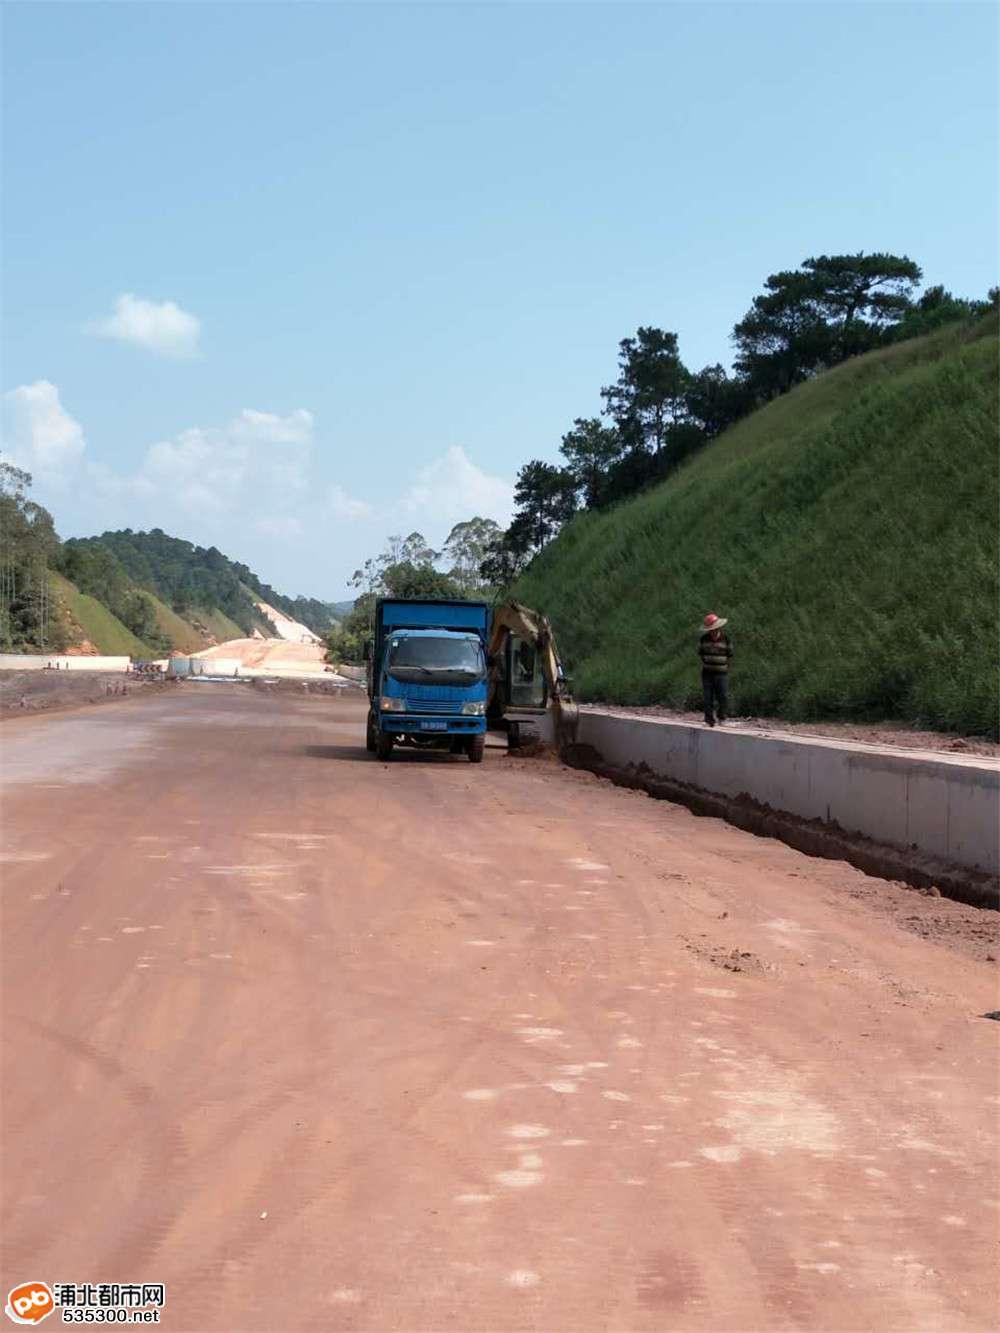 贵合路土建№6合同段路槽交验有序推进,交验里程过半